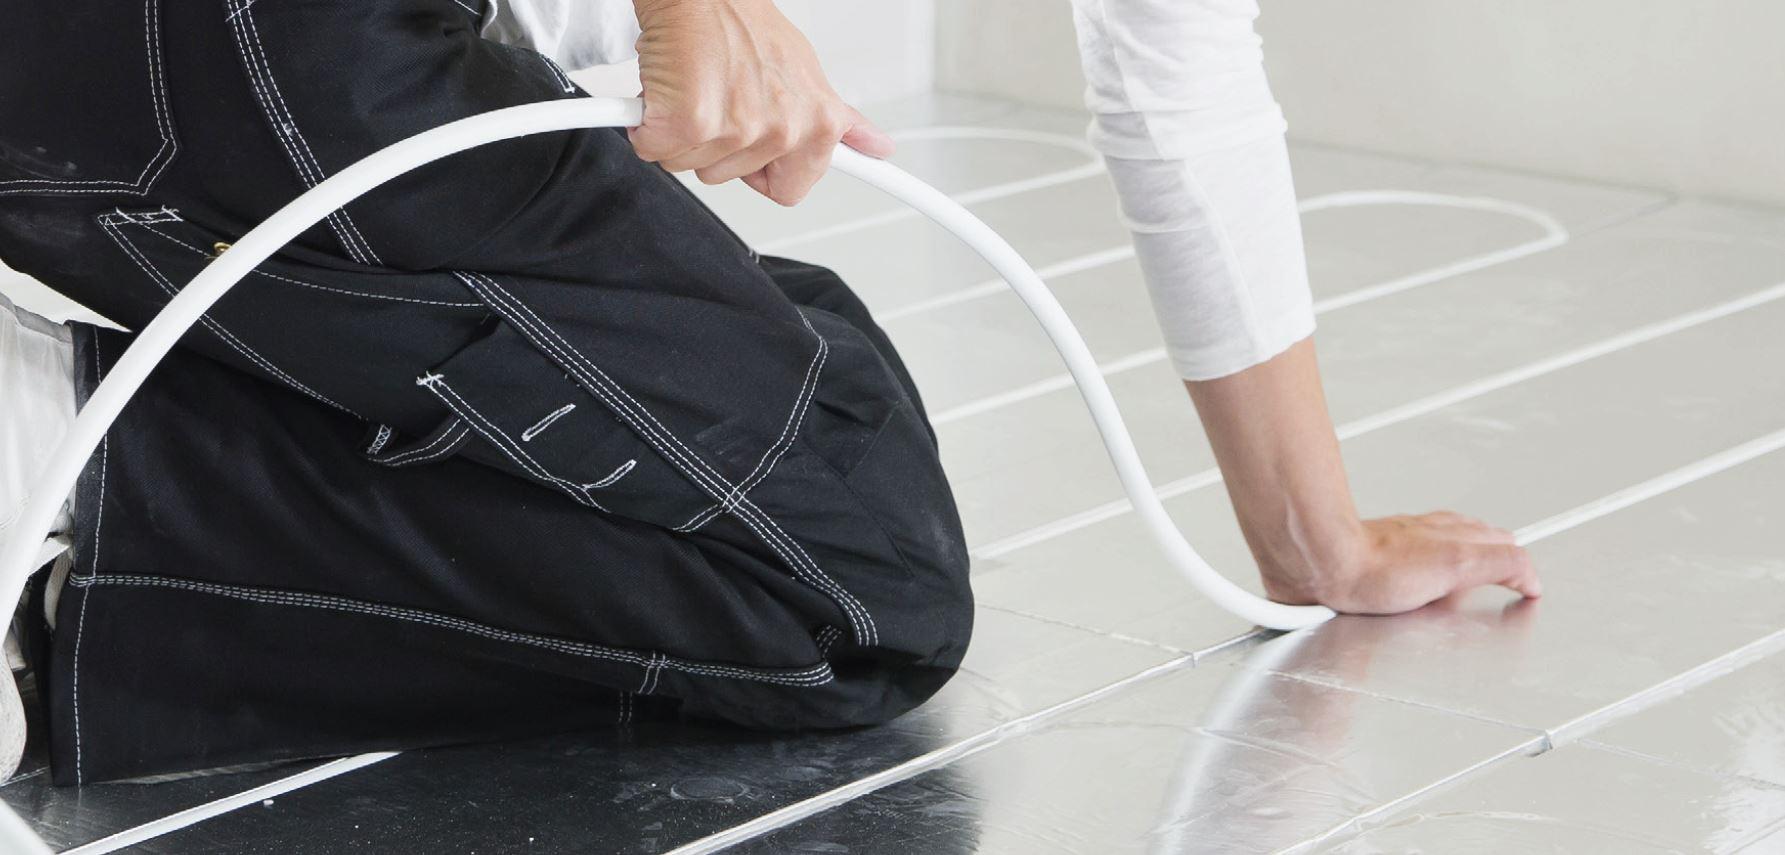 LVINETTI - Floore saneerauslevy asennus